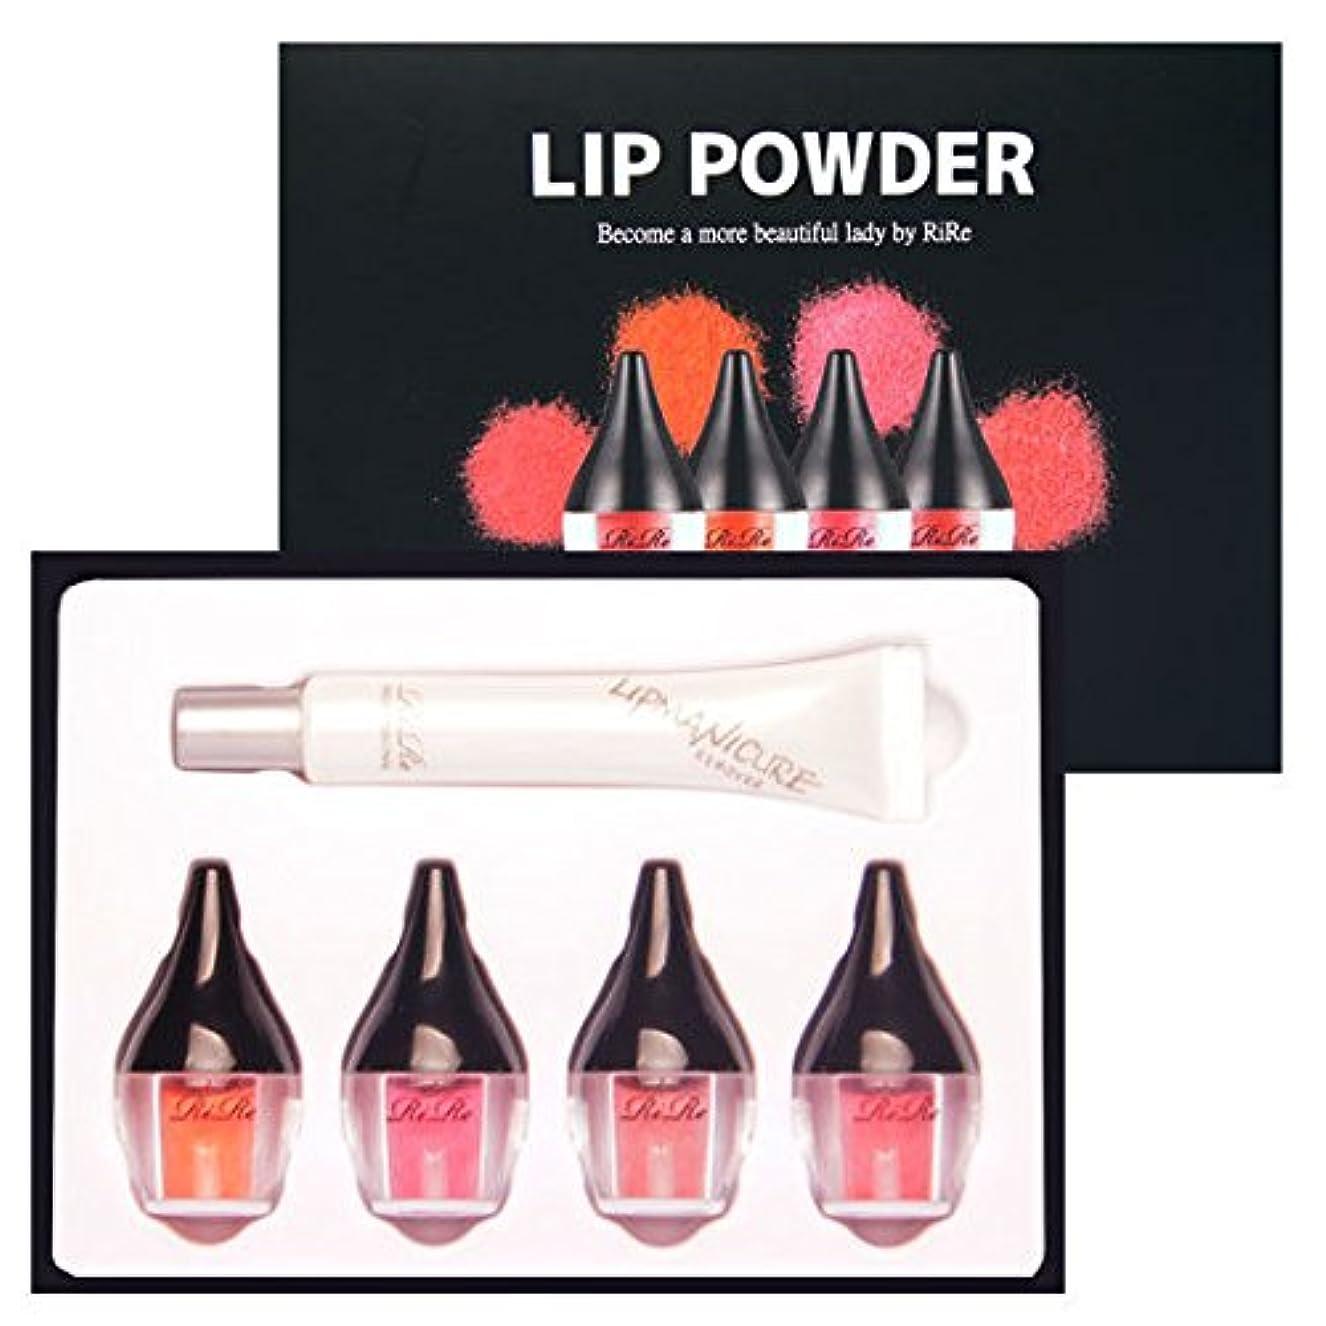 レイプ電球合理的[リール]RiRe LIP POWDER Set+Removerパウダーセット+リムーバー(4+1=5)化粧品made in korea (海外直送品)